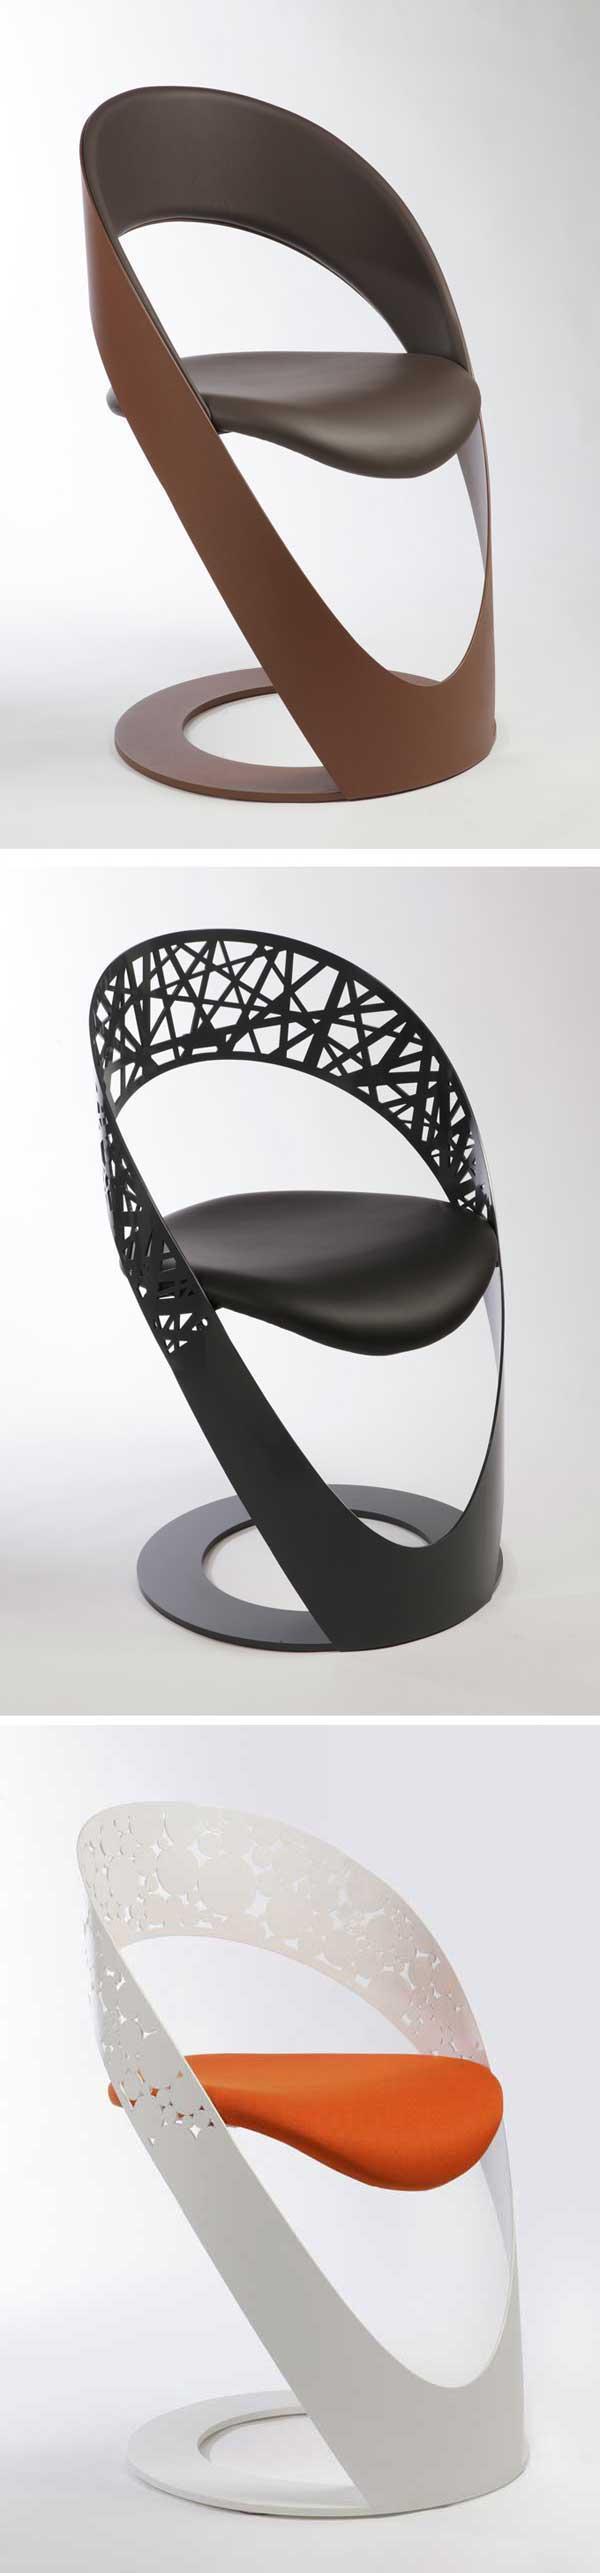 коричневый стул